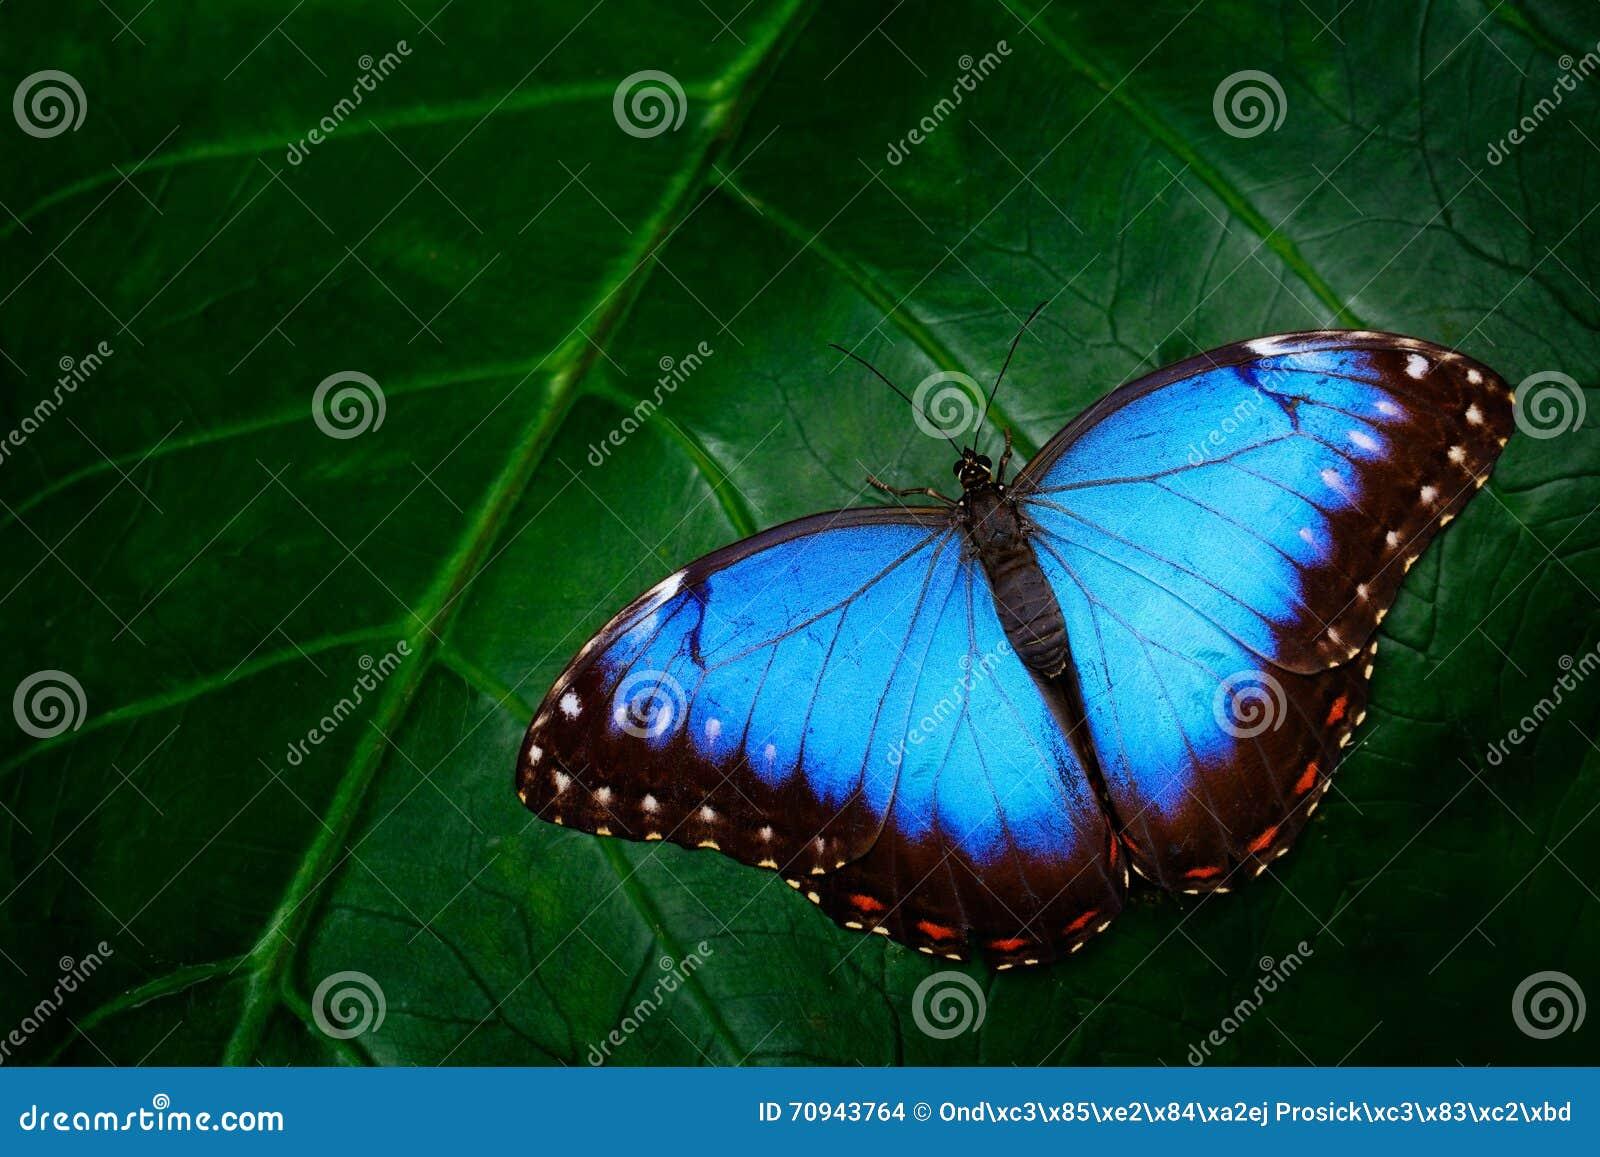 蓝色Morpho, Morpho peleides,大蝴蝶坐绿色叶子,美丽的昆虫在自然栖所,野生生物,亚马逊,每